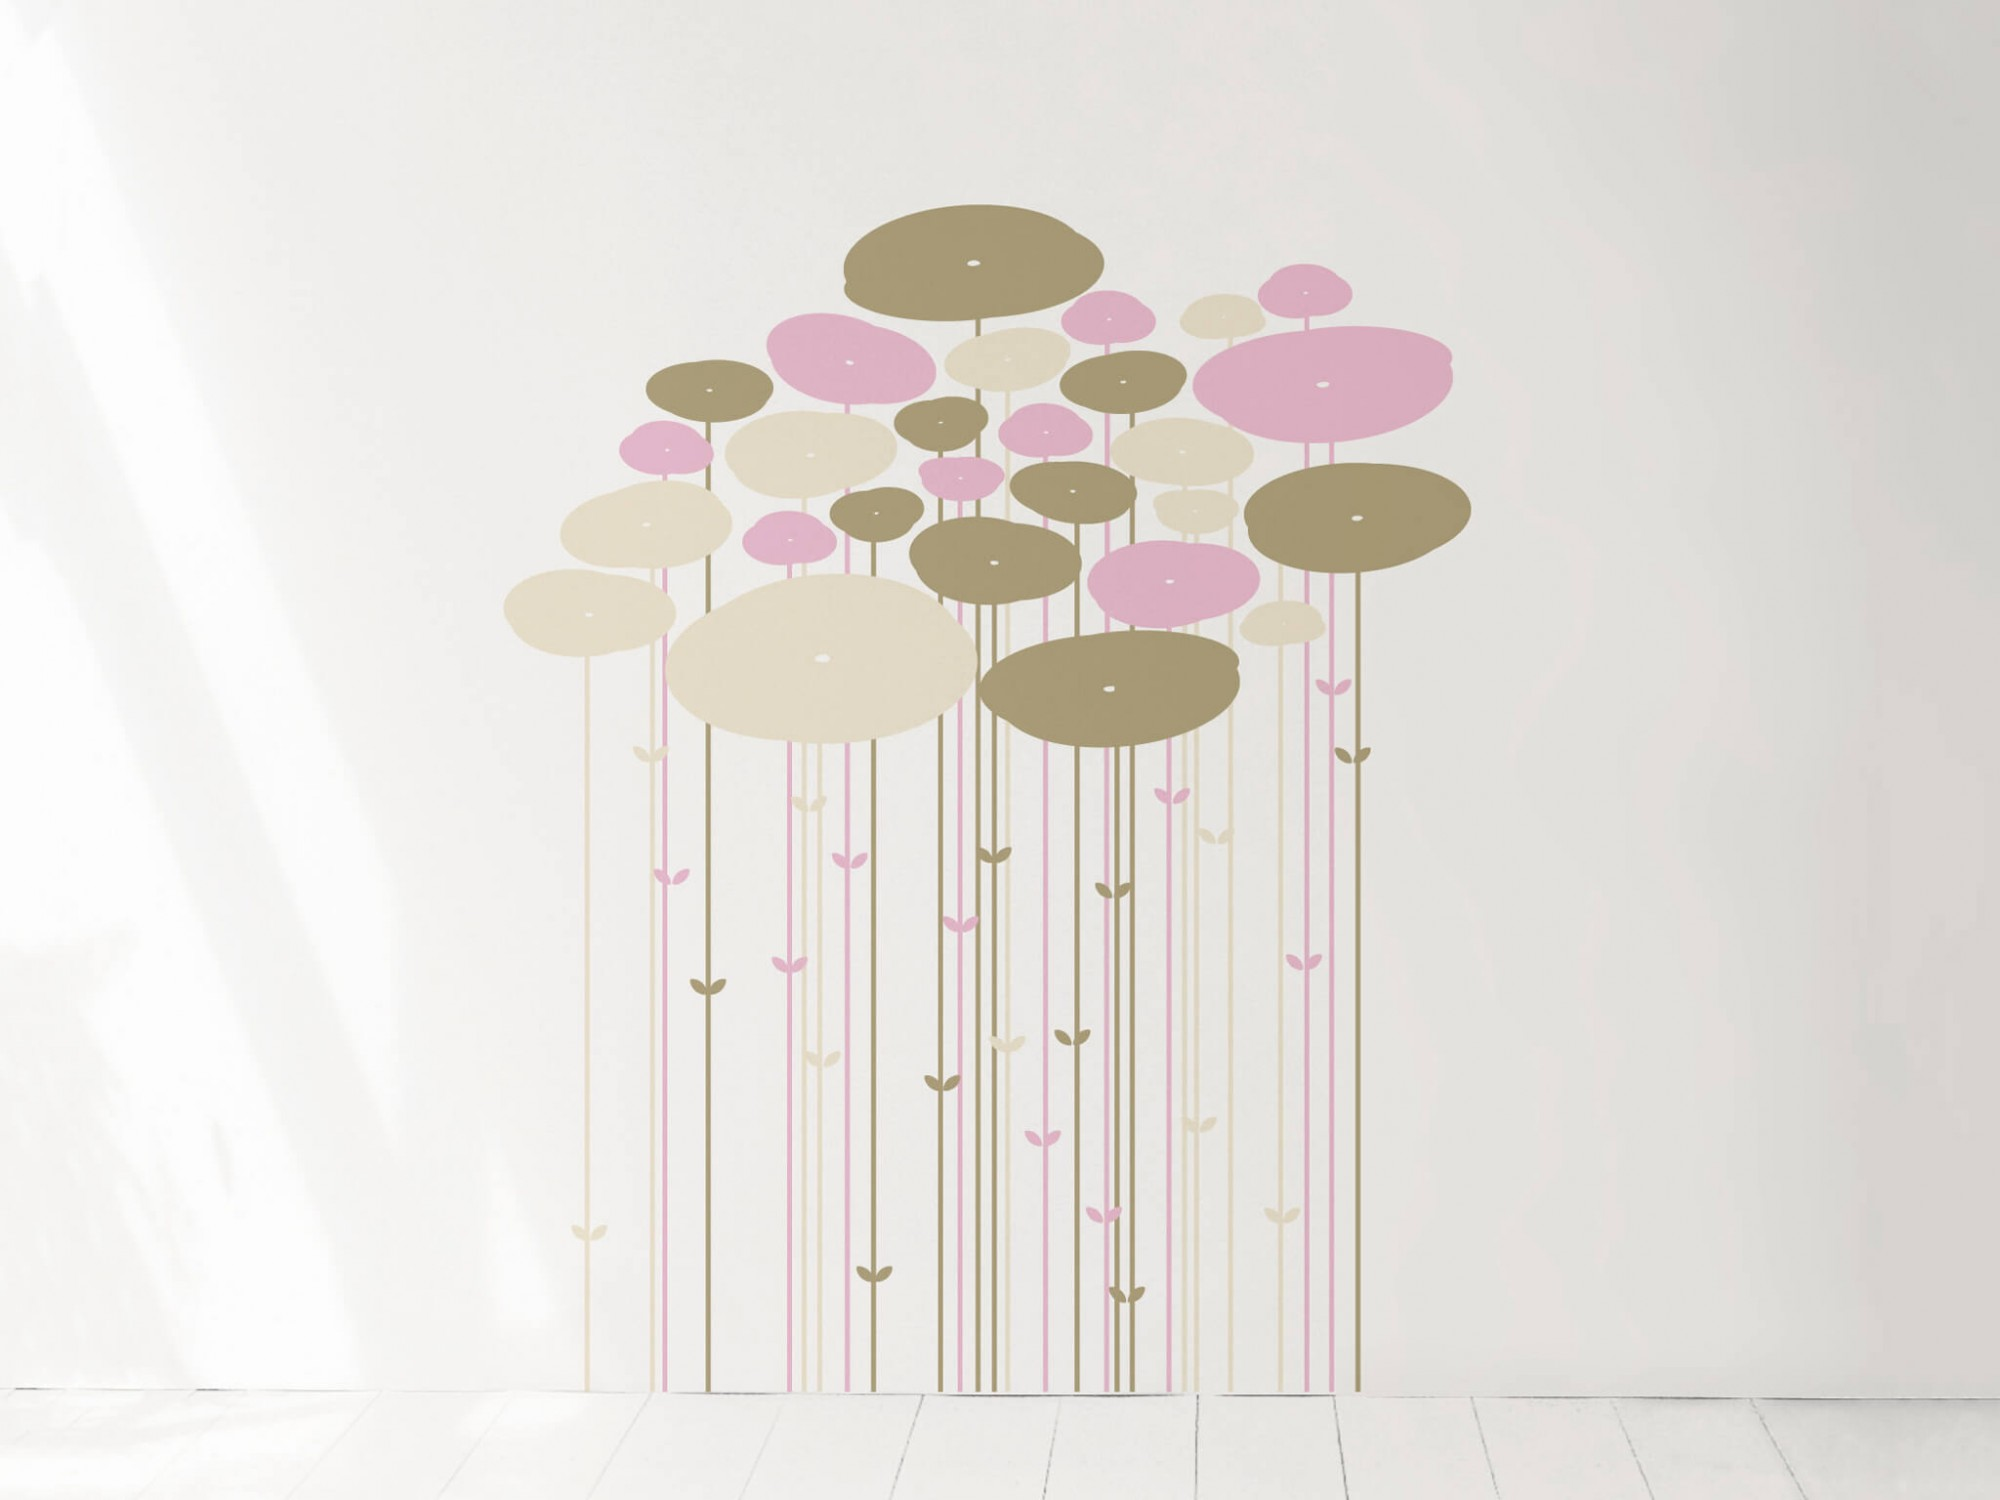 un sticker mural design en forme de jungle pour donner une touche de couleur a un intérieur minimaliste.